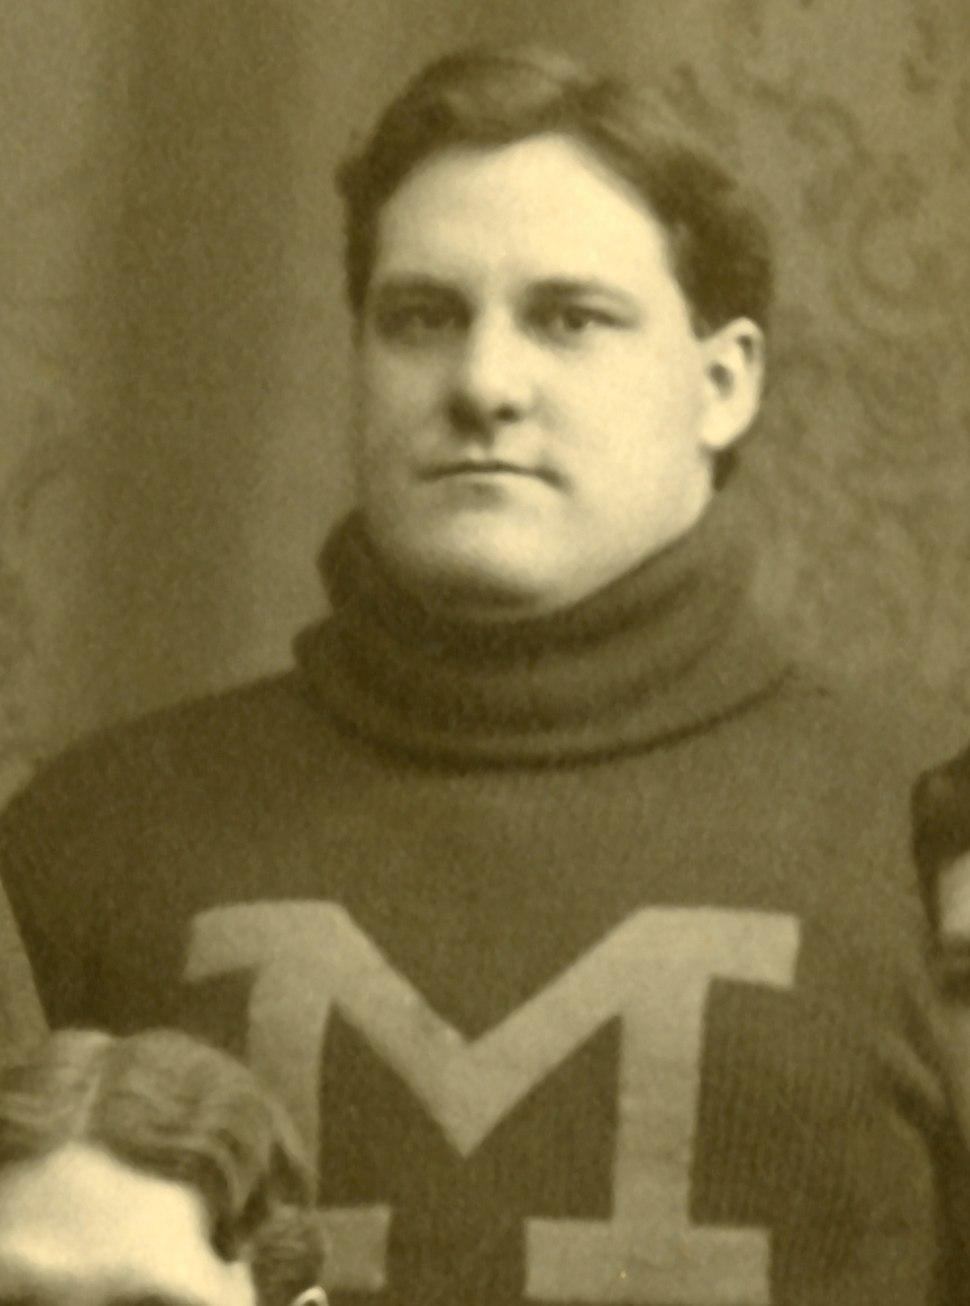 William Cunningham (American footballer)